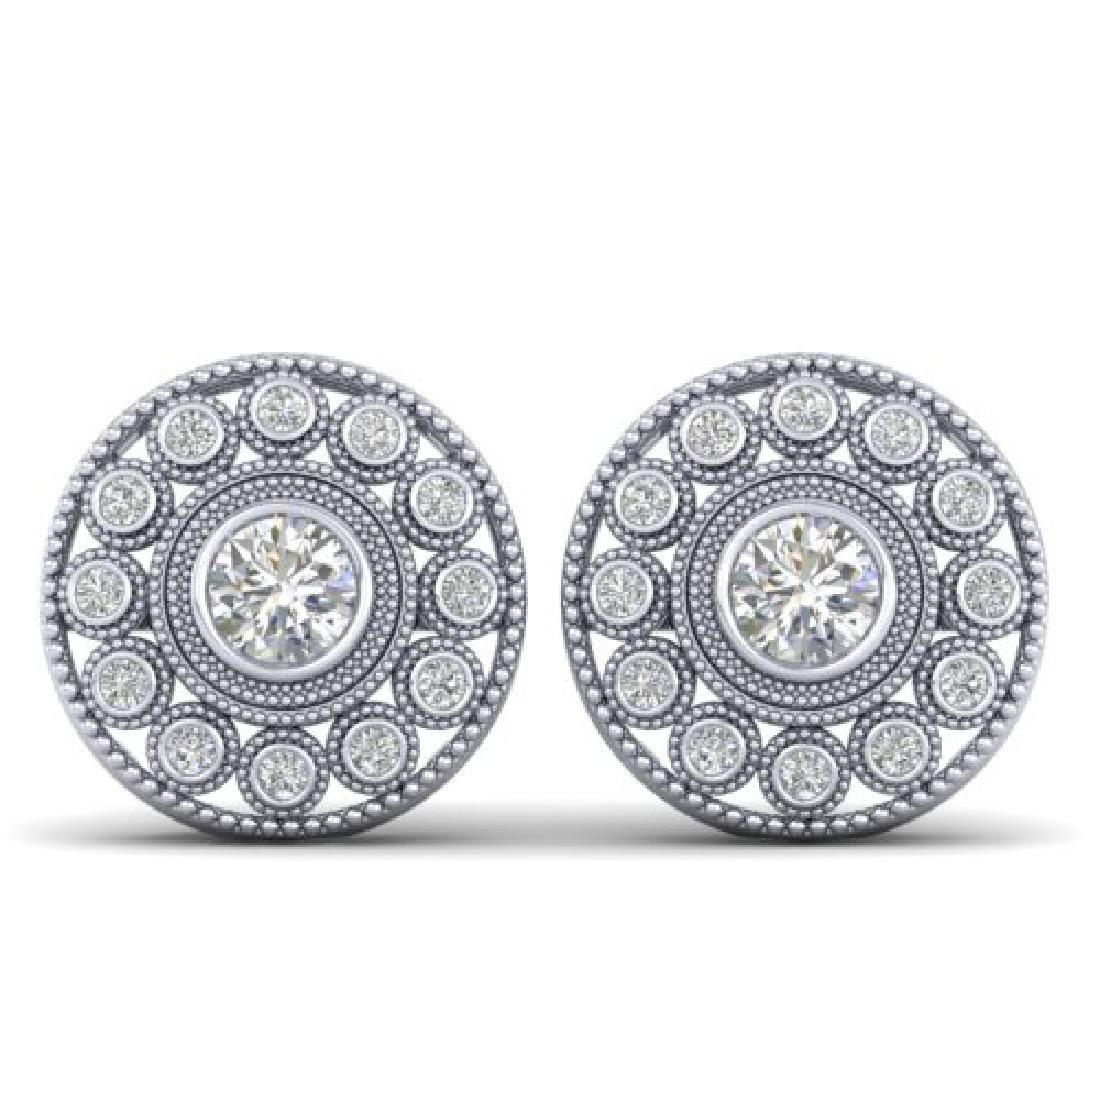 1.11 CTW Certified VS/SI Diamond Art Deco Stud Earrings